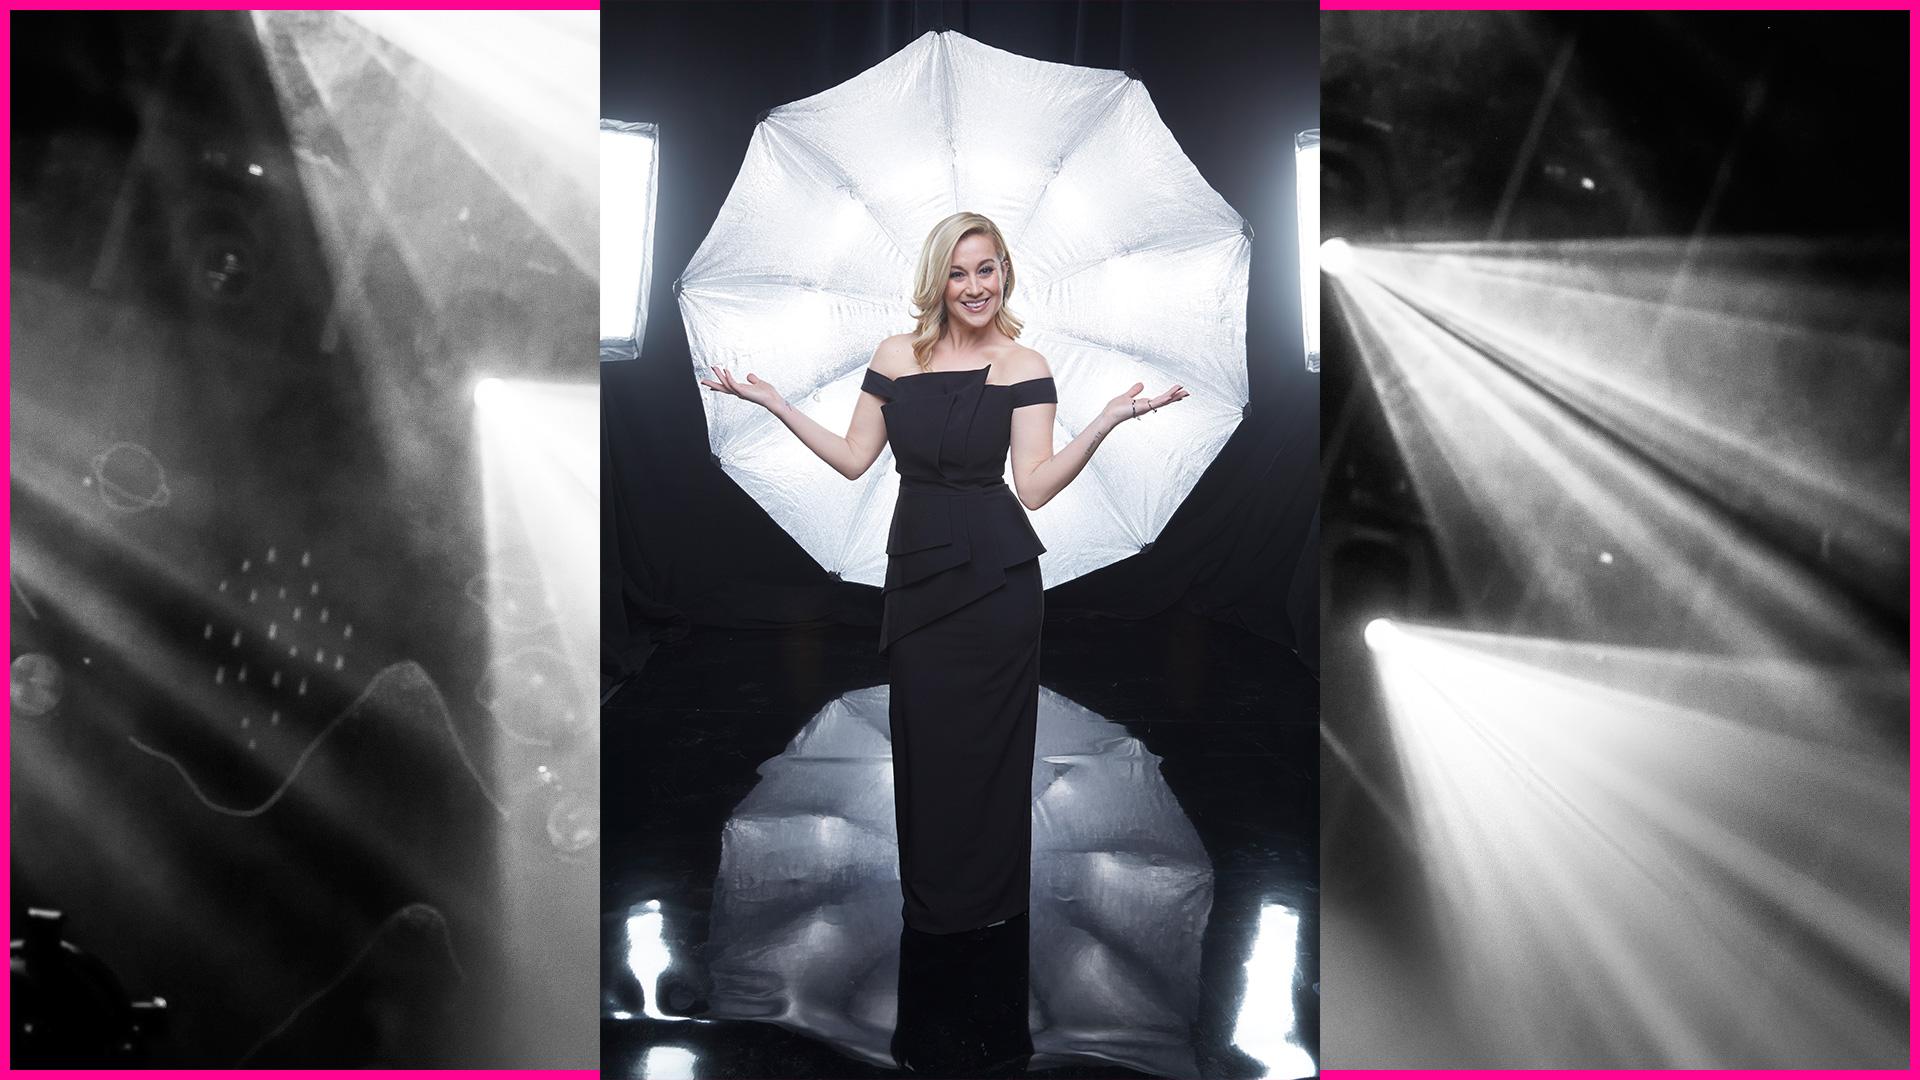 Kellie Pickler dons a sleek black evening gown deserving of its own celebration.